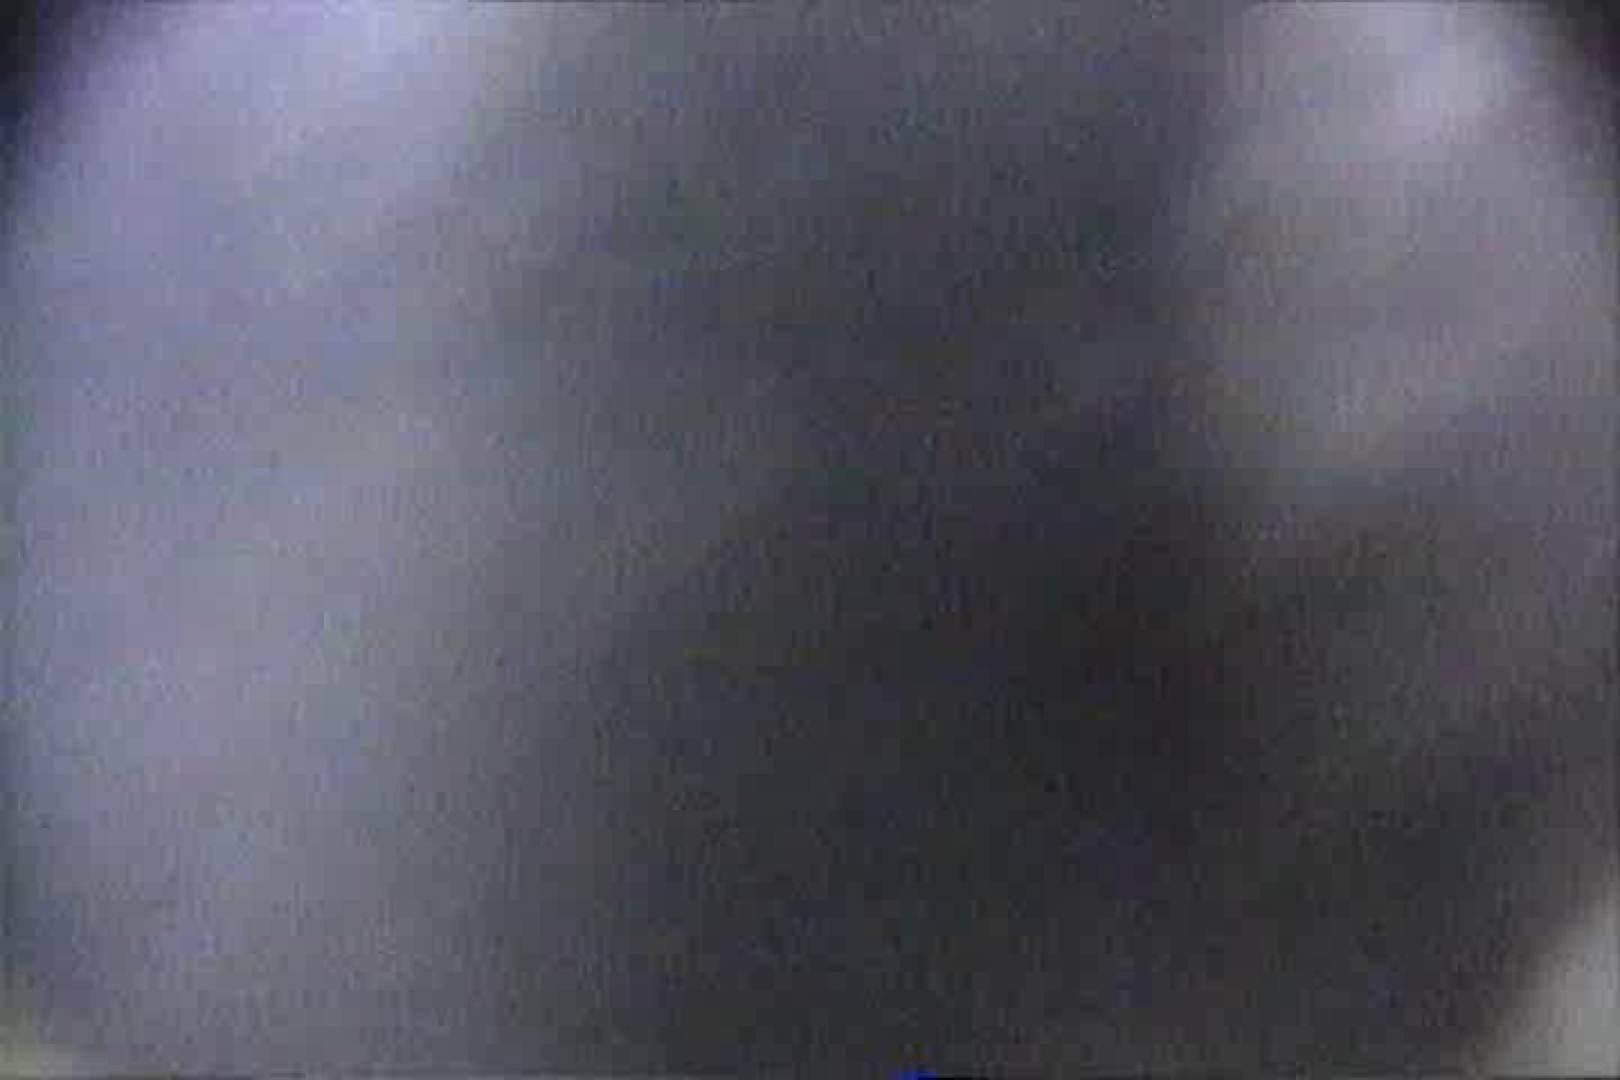 がぶりより!!ムレヌレパンツVol.2 接写 盗撮アダルト動画キャプチャ 56pic 50